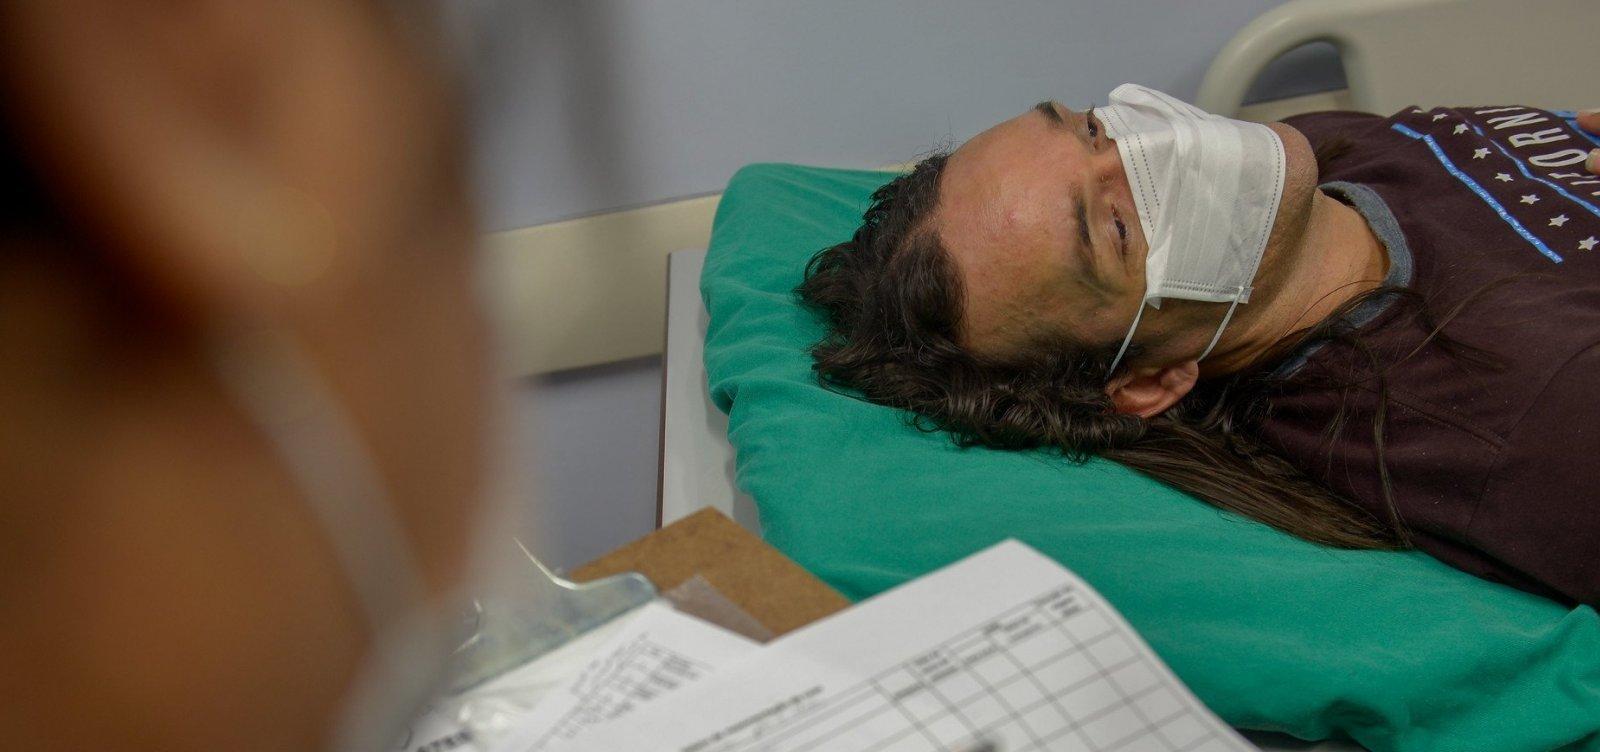 [Coronavírus: Brasil registra 217 mortes em 24 horas; total chega a 2.141]